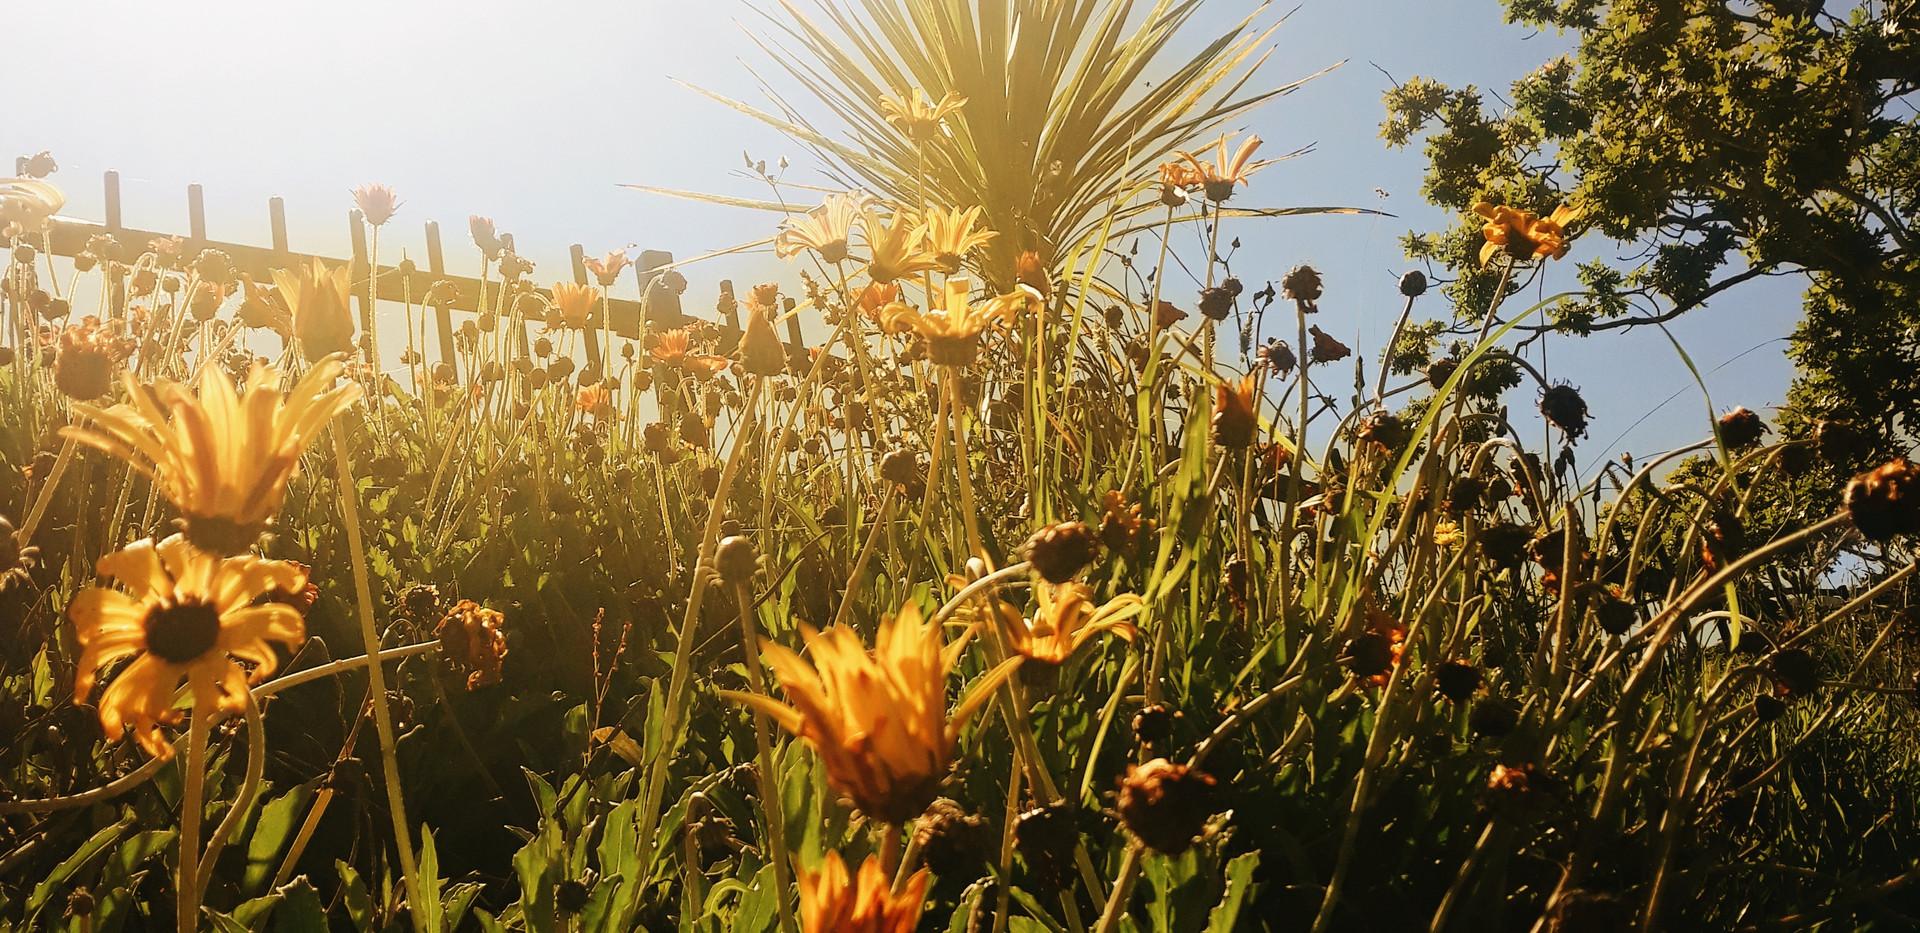 Flower Sunrise by Pete Malkin